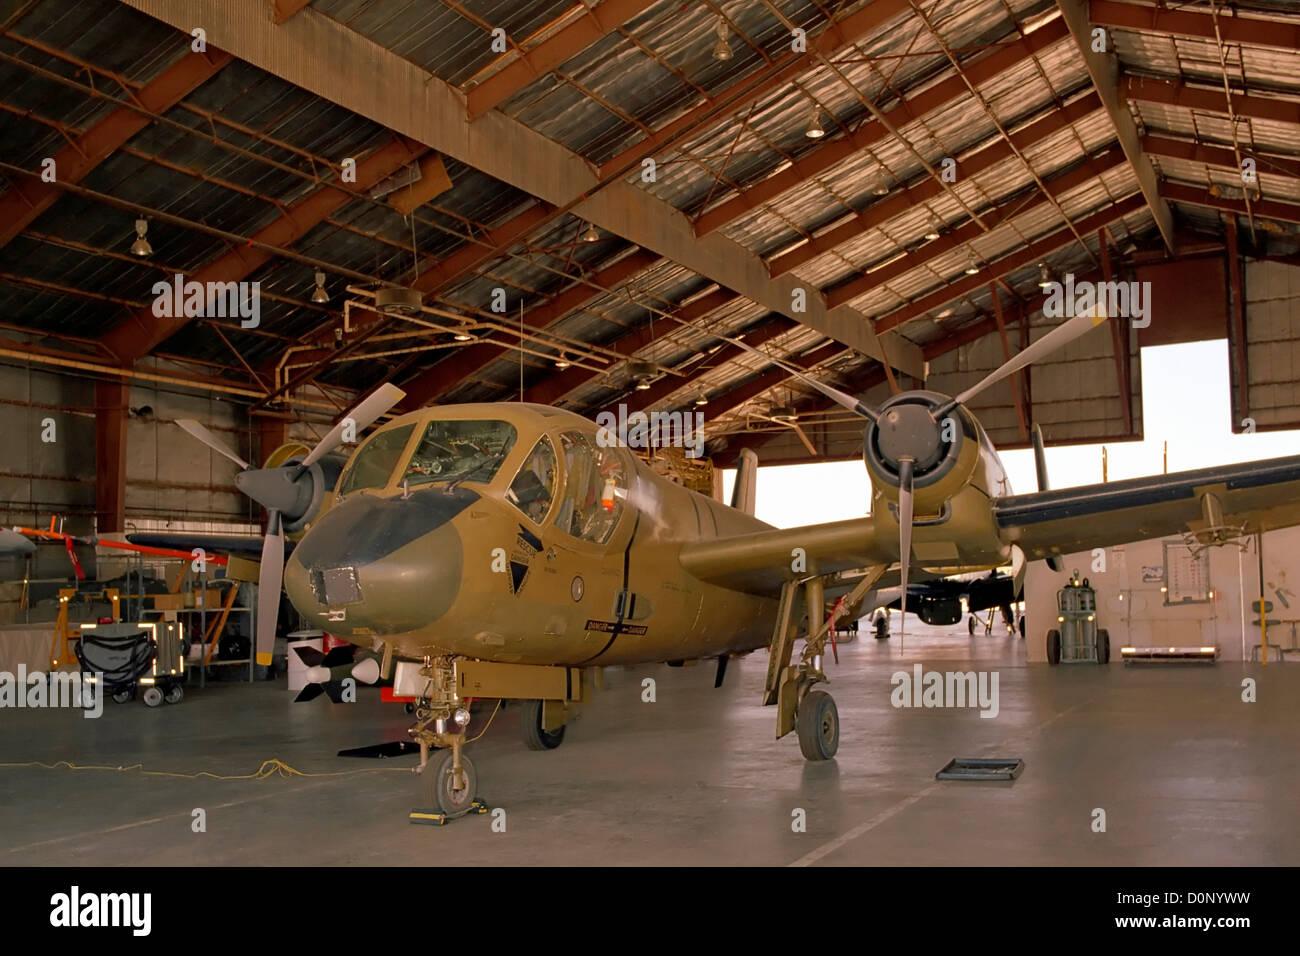 Grumman OV - 1C im Hanger Stockbild